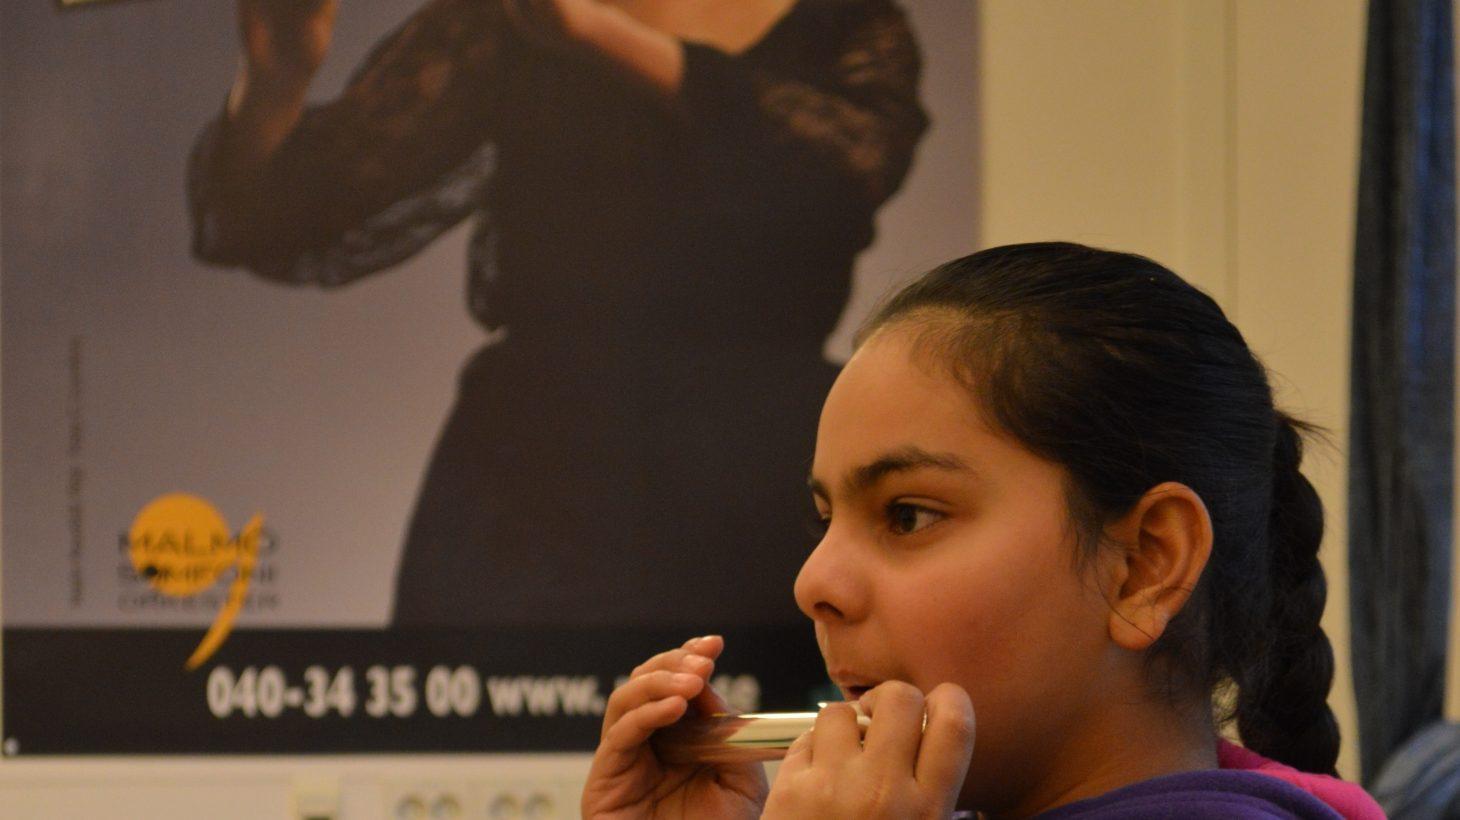 Flicka spelar flöjt i bakgrunden kvinna som spelar tvärflöjt.